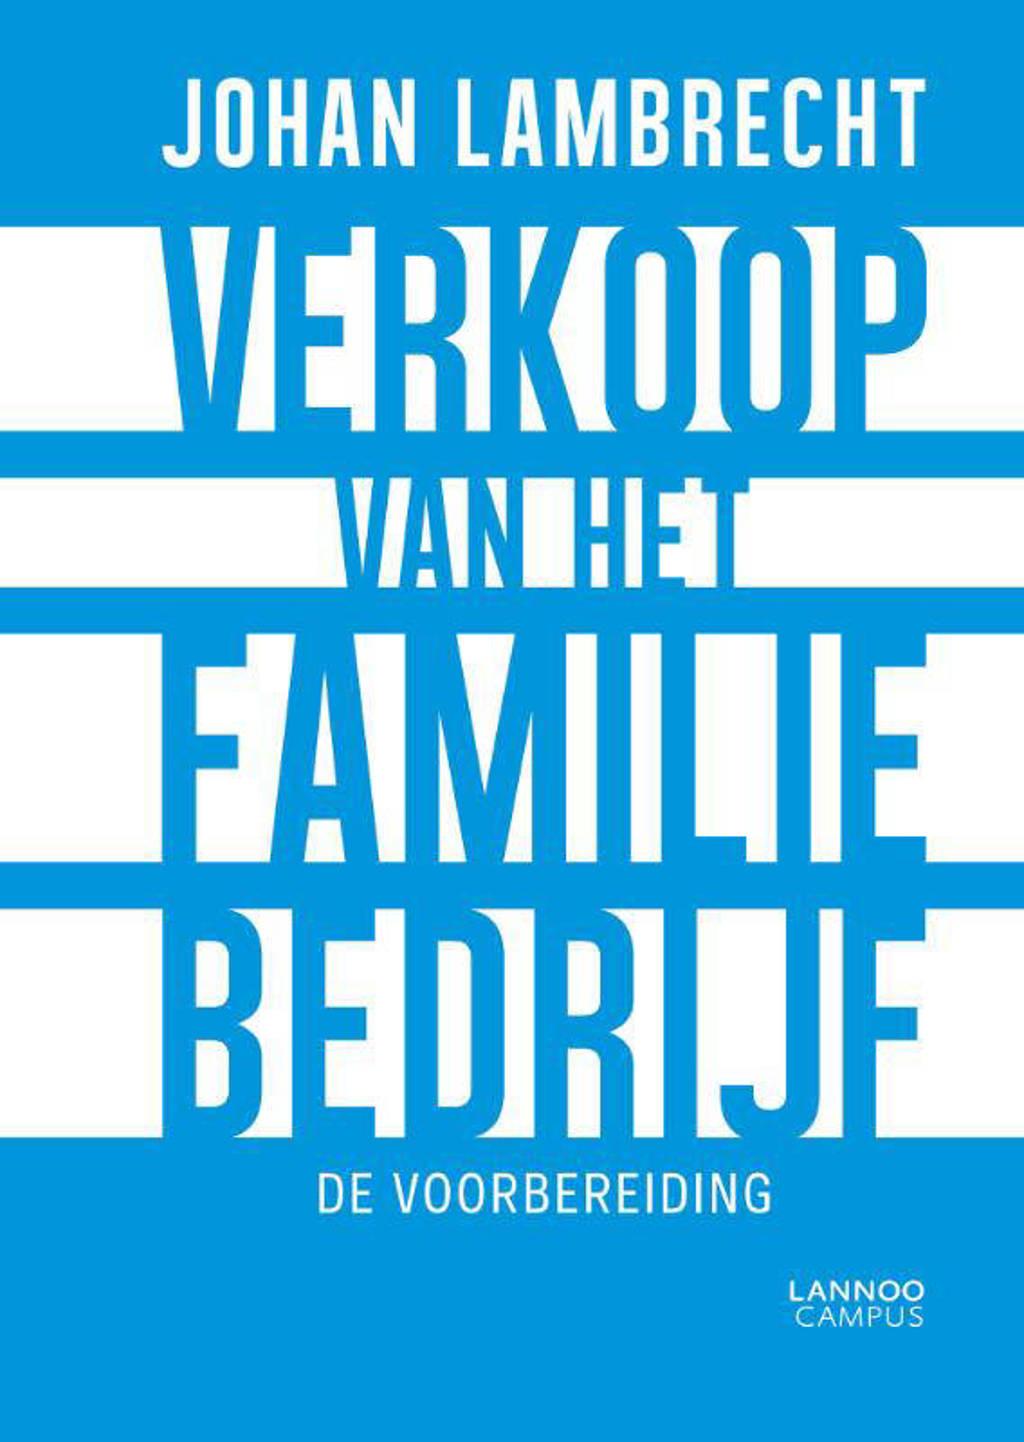 Verkoop van het familiebedrijf - Johan Lambrecht